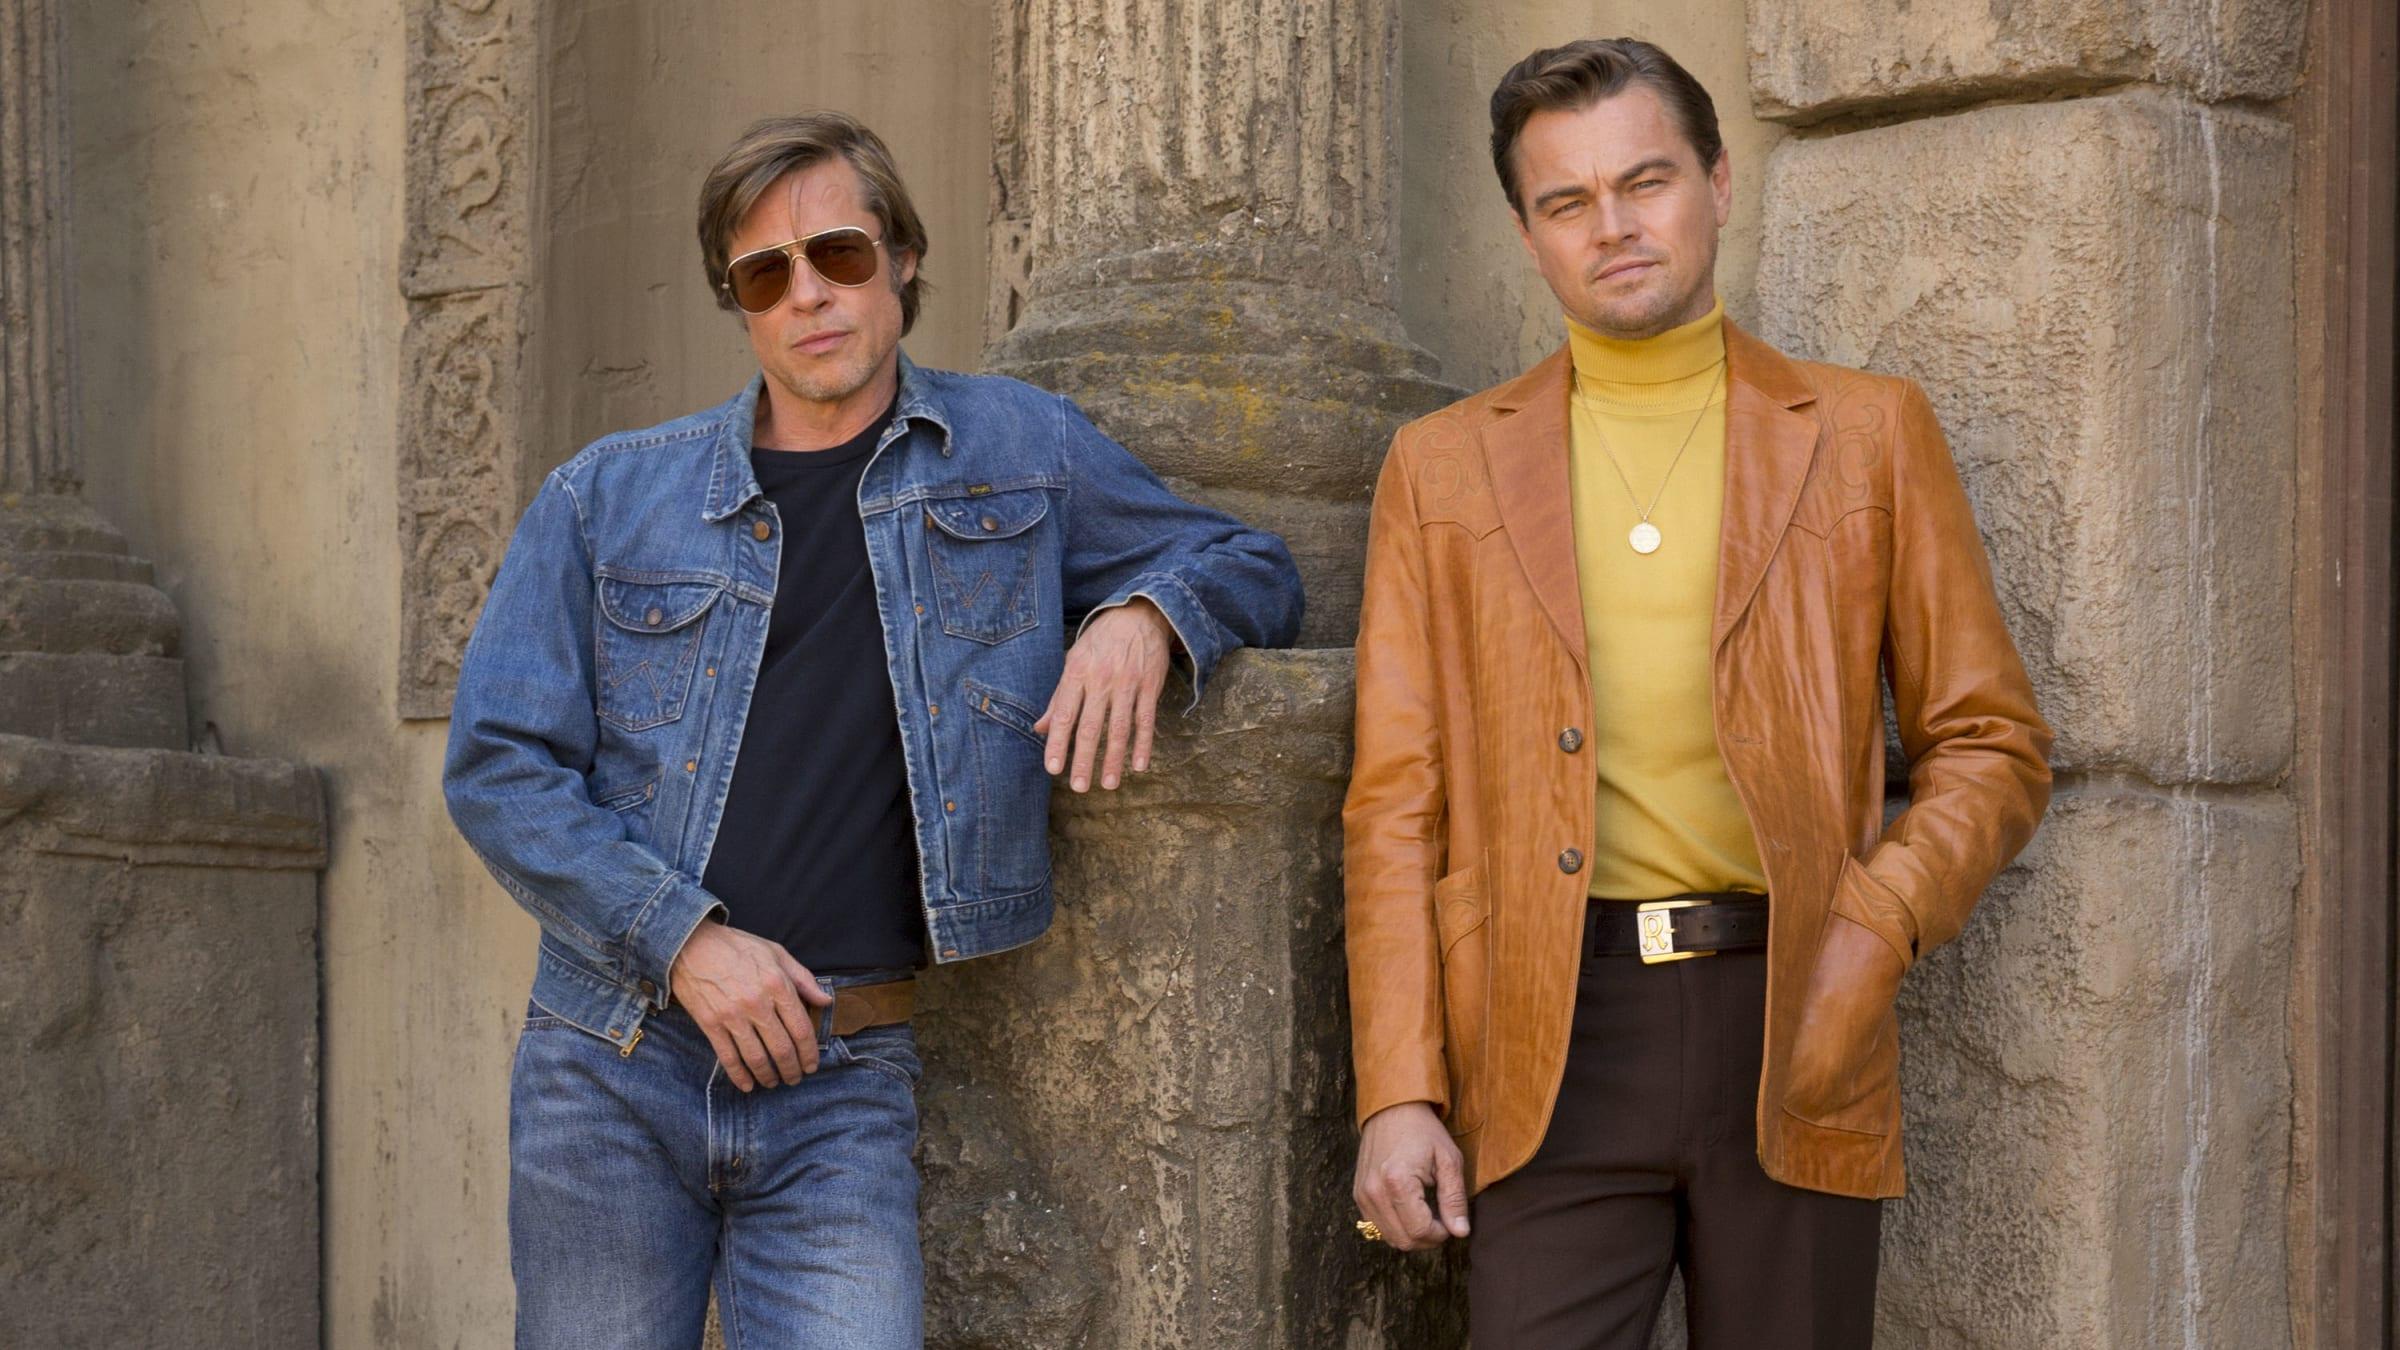 Top 10 Best Comedies of the 2010s